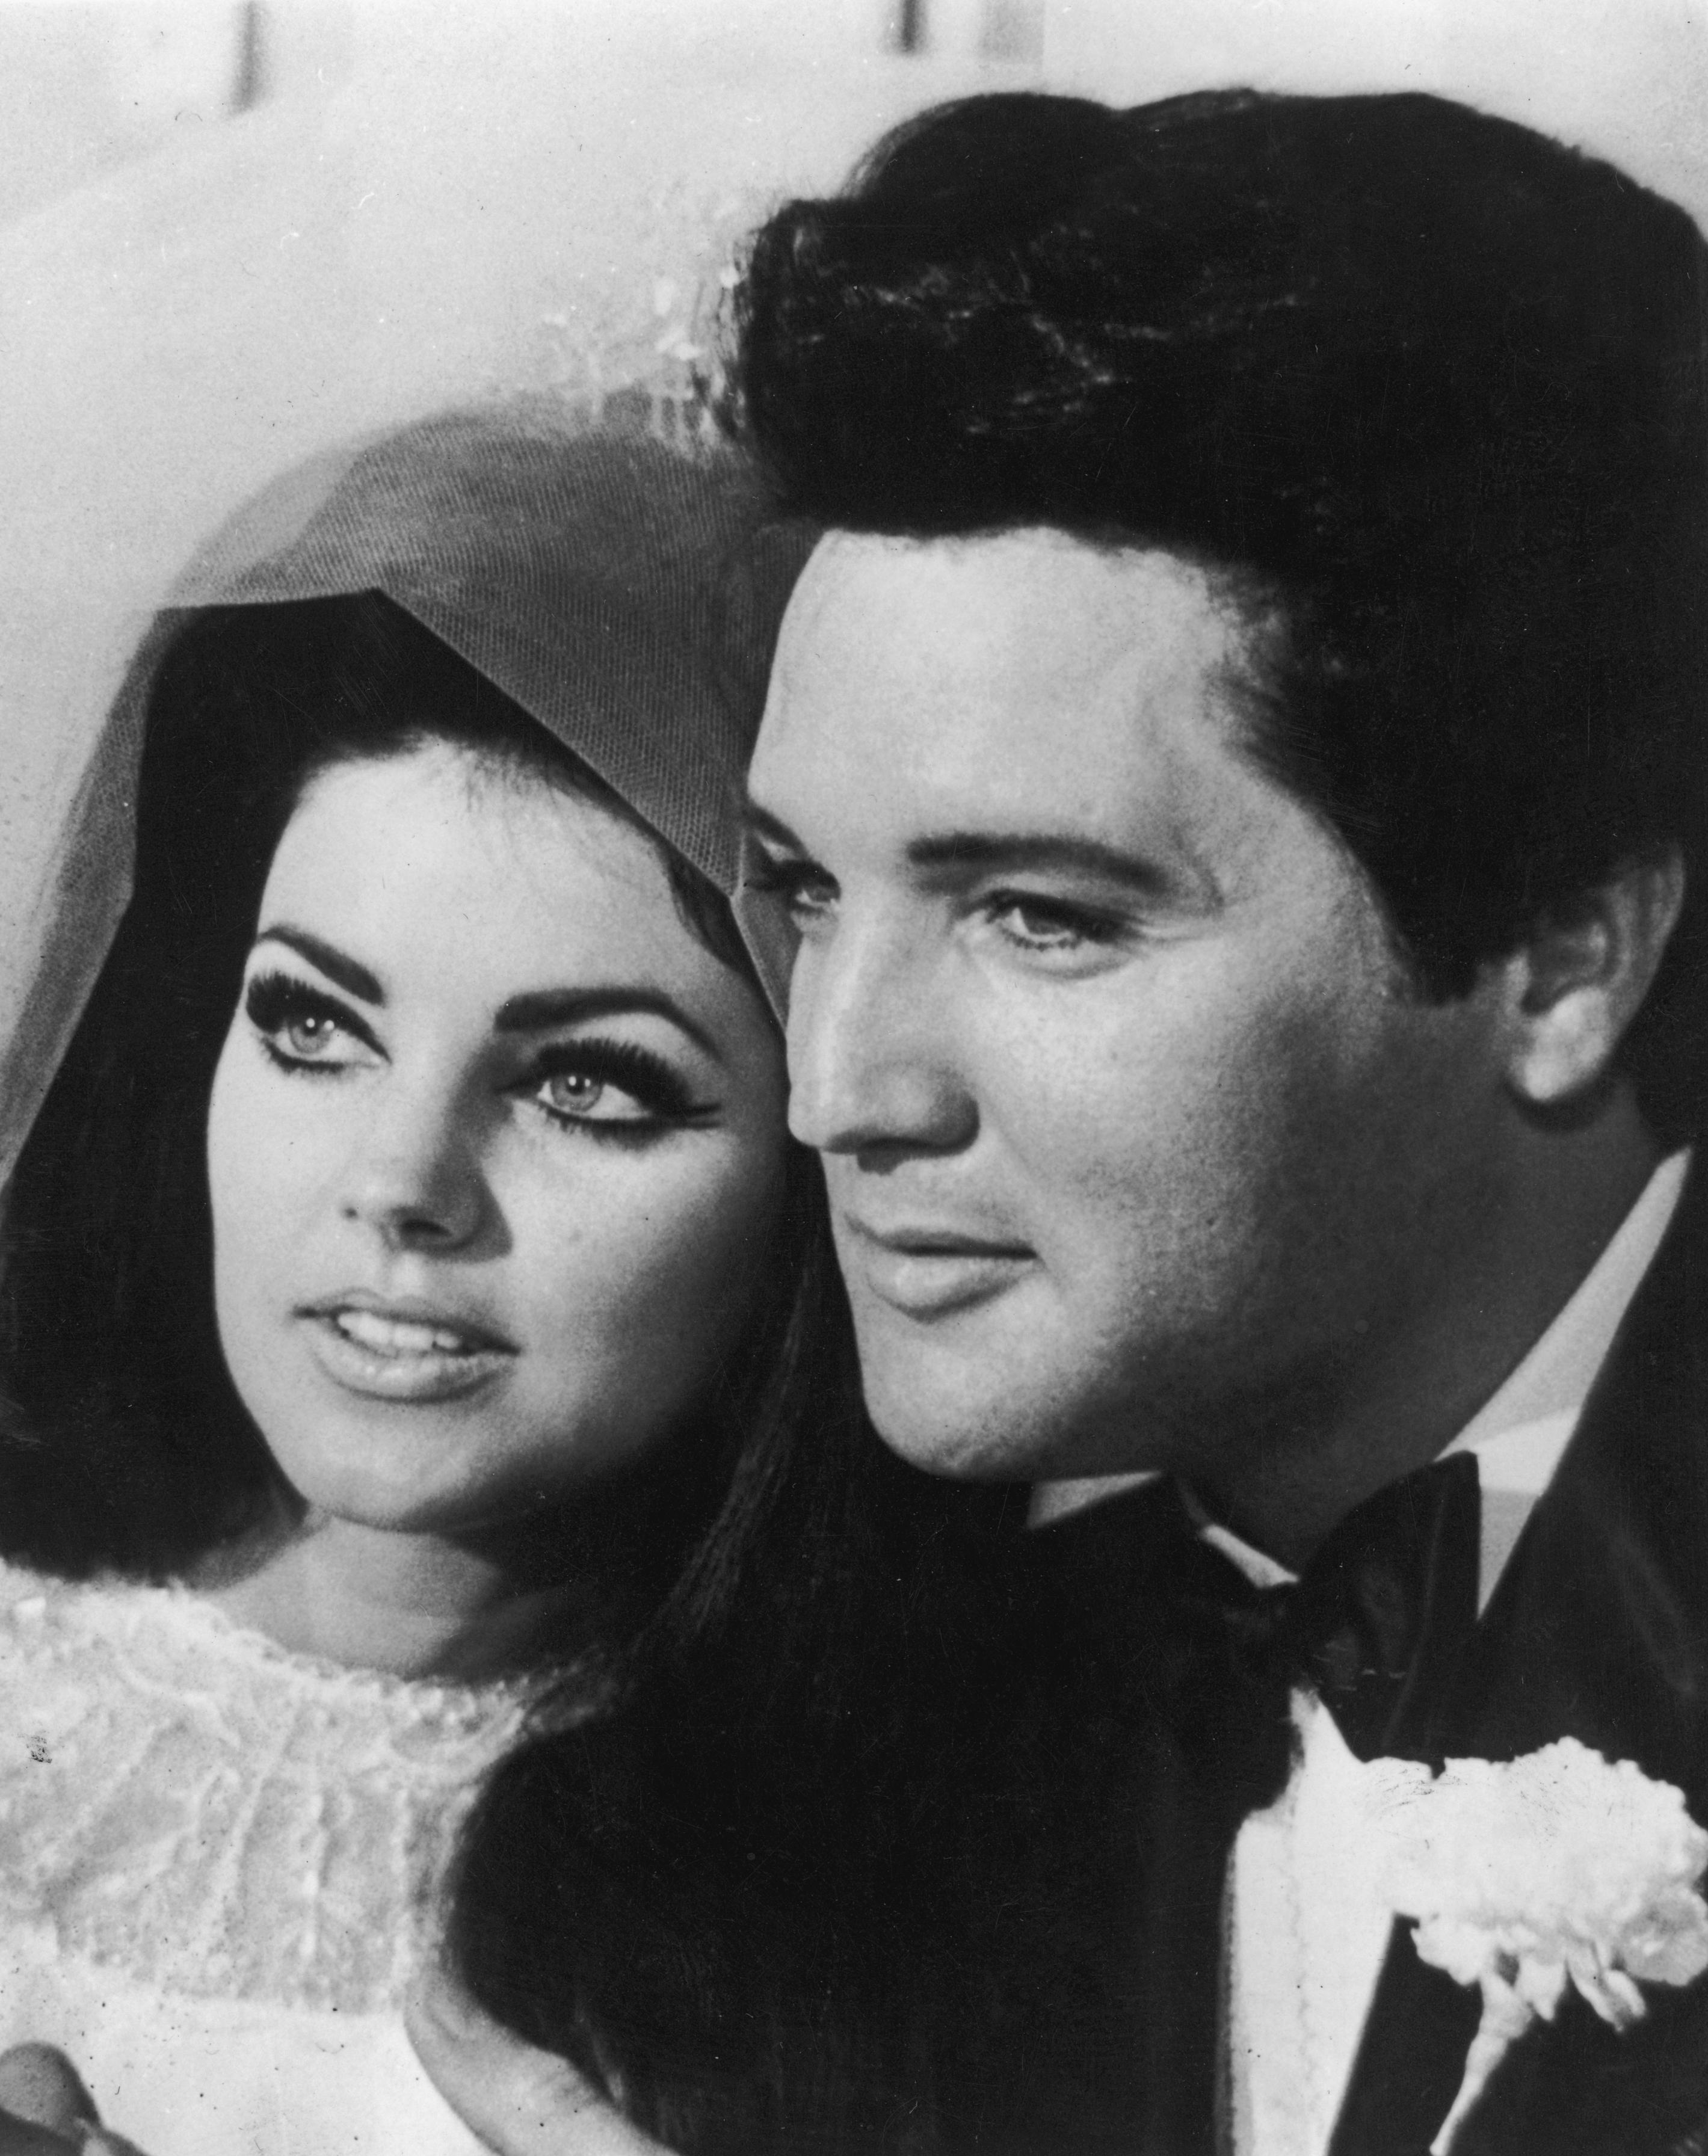 Priscilla y Elvis Presley el día de su boda. ¡Dos guapuras! (Foto: Getty Images)